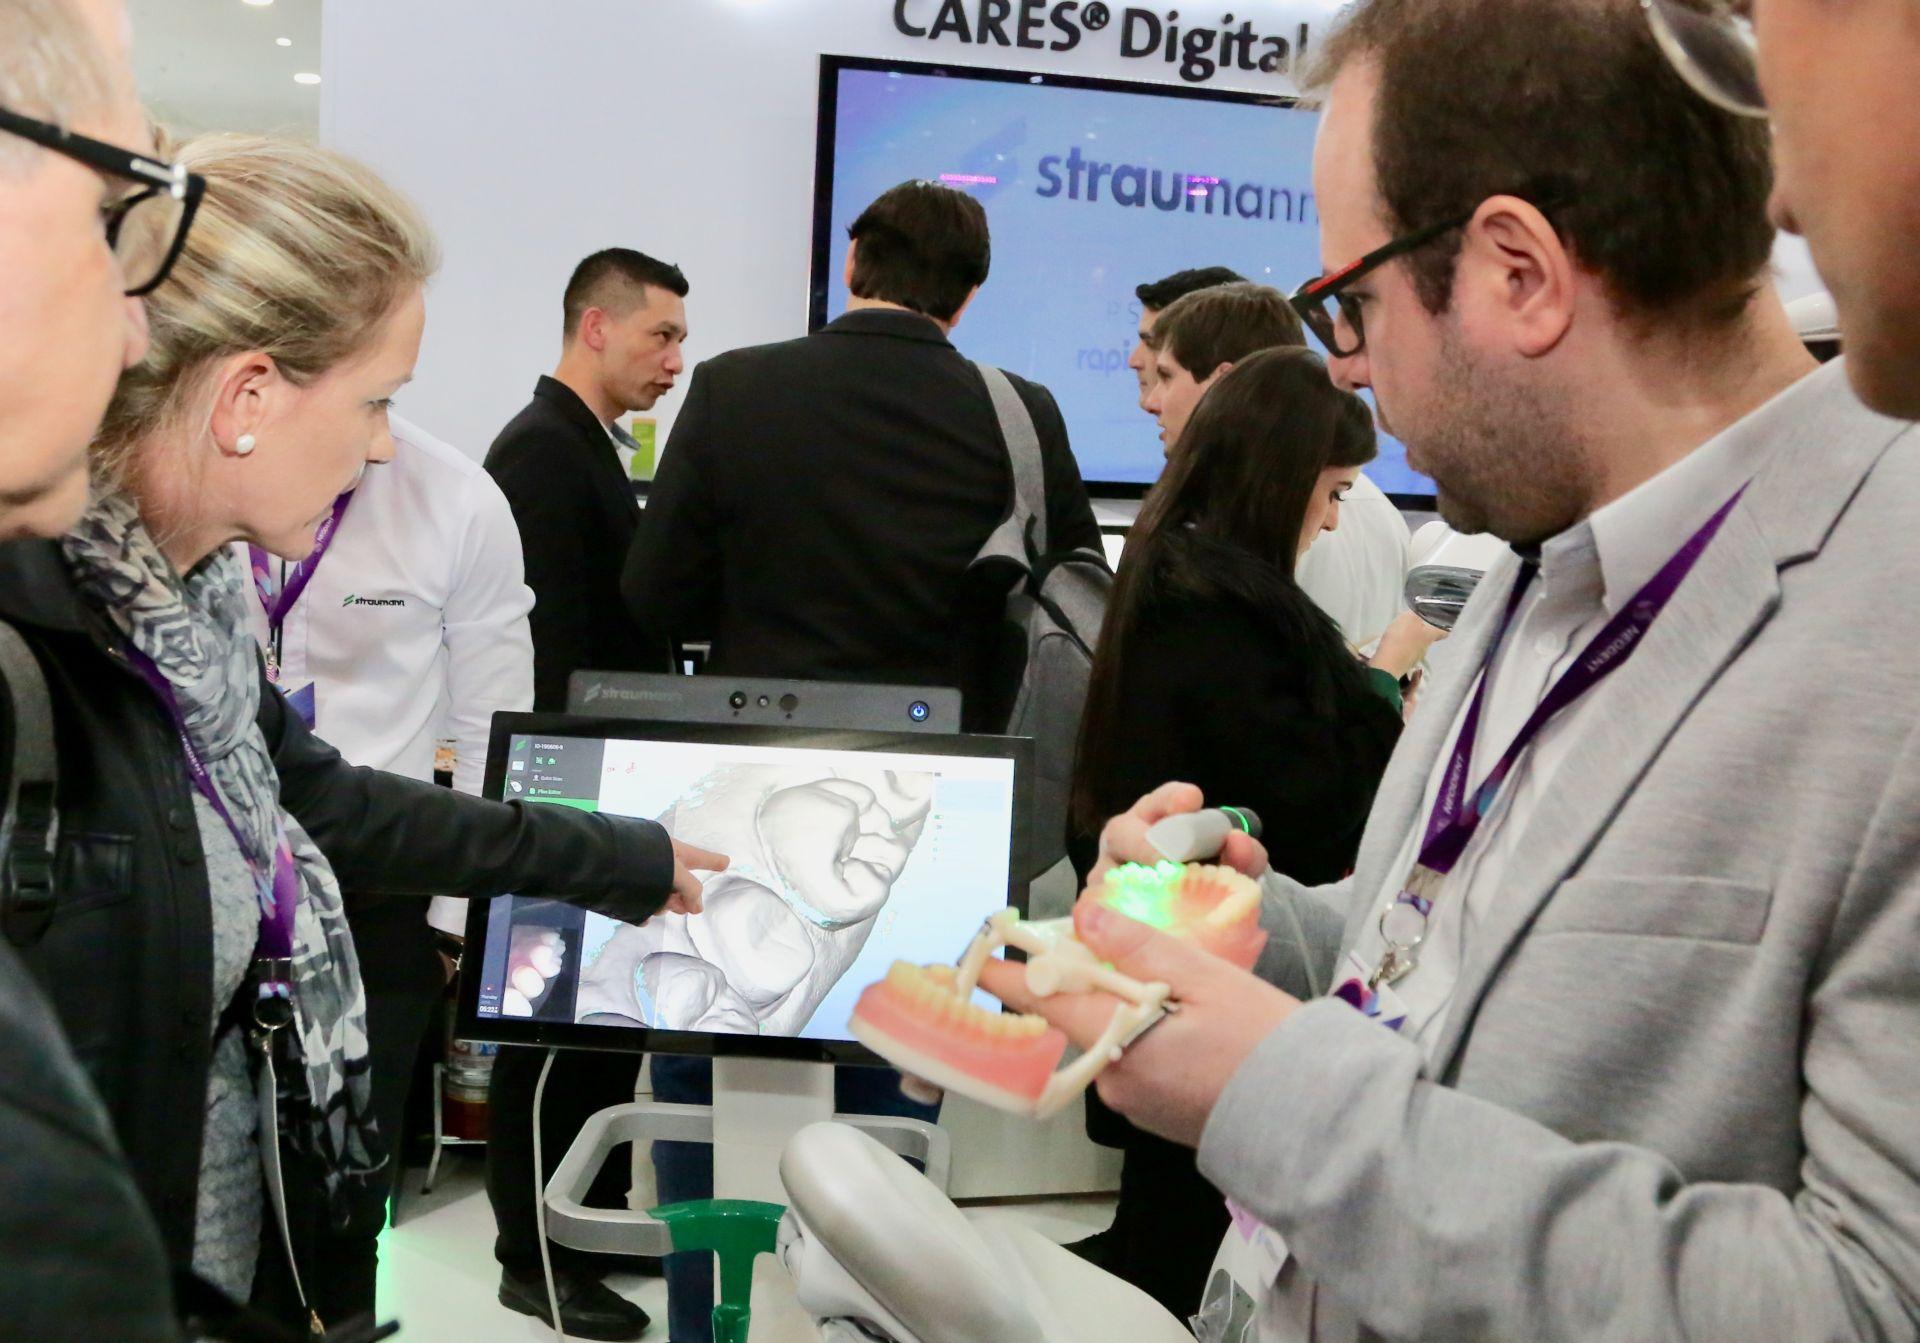 Aparelho faz um escaneamento digital dos dentes do paciente. Demonstração foi realizada durante o 5º Neodent Congress, realizado no início de junho em Curitiba (Foto: Divulgação / Marcelo Elias)